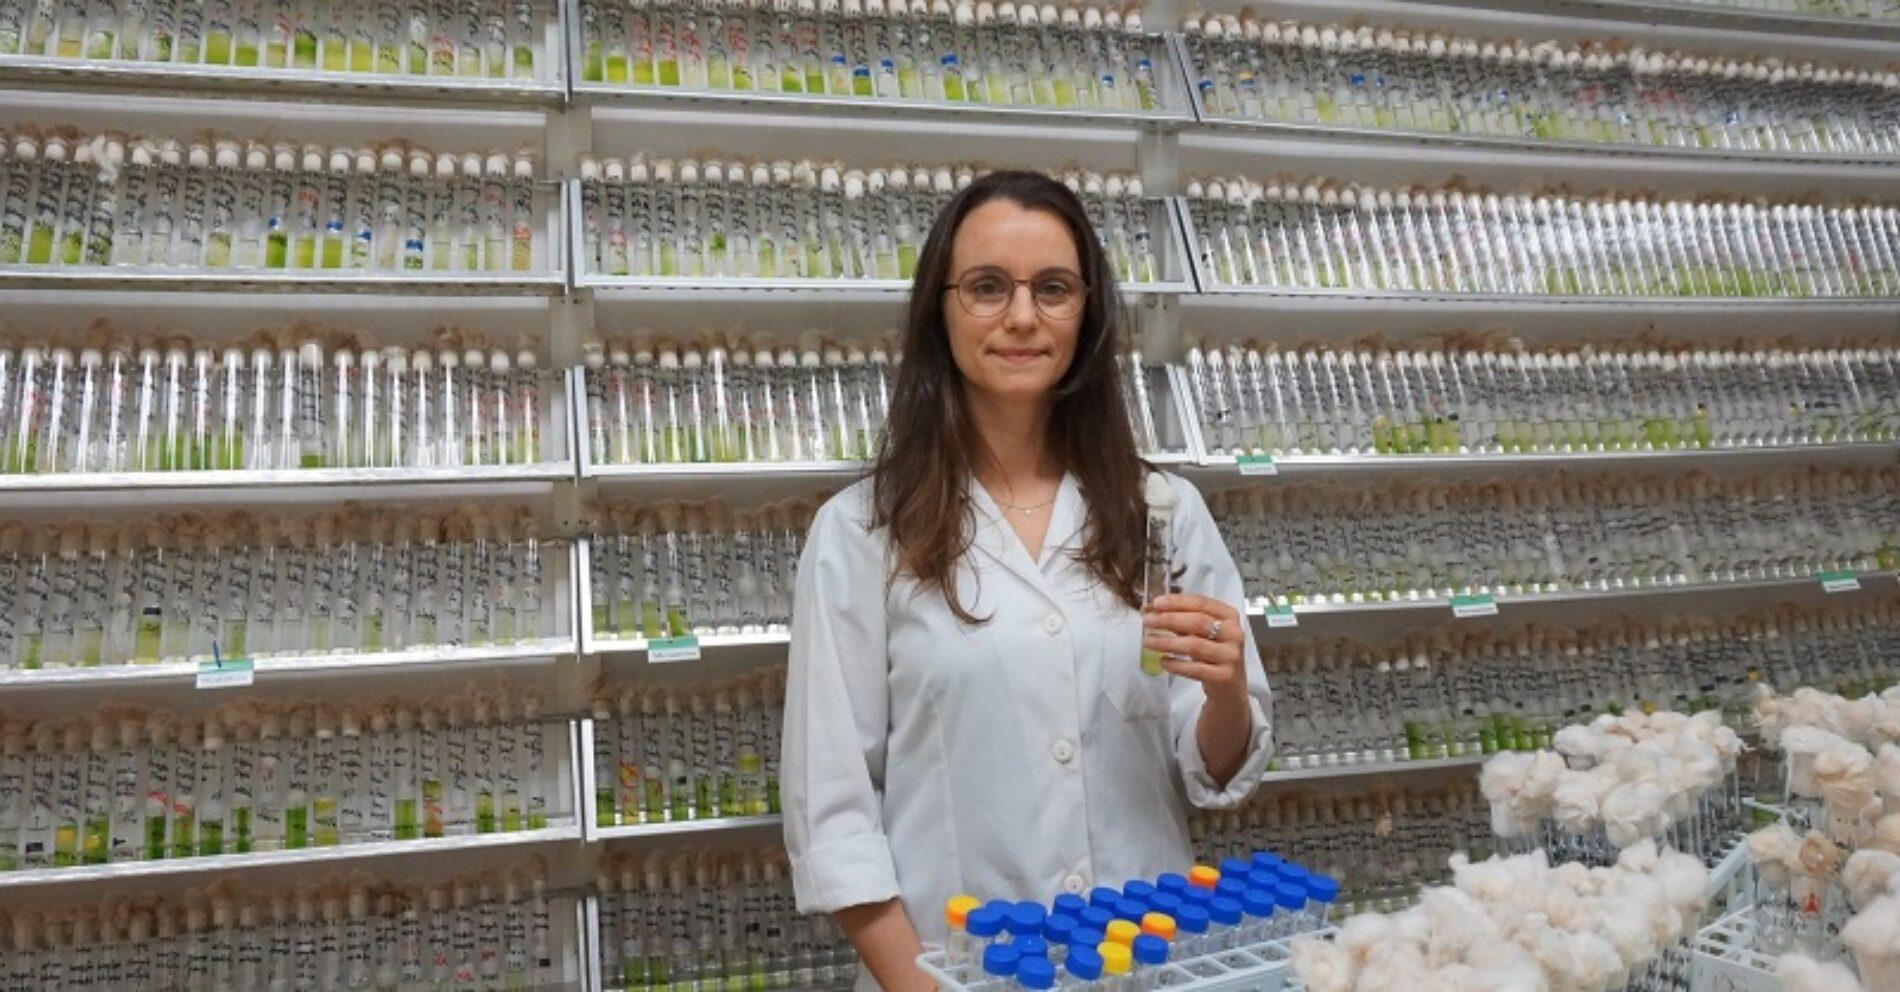 Universidade de Coimbra: Investigadores descobrem nova família de microalgas de água doce